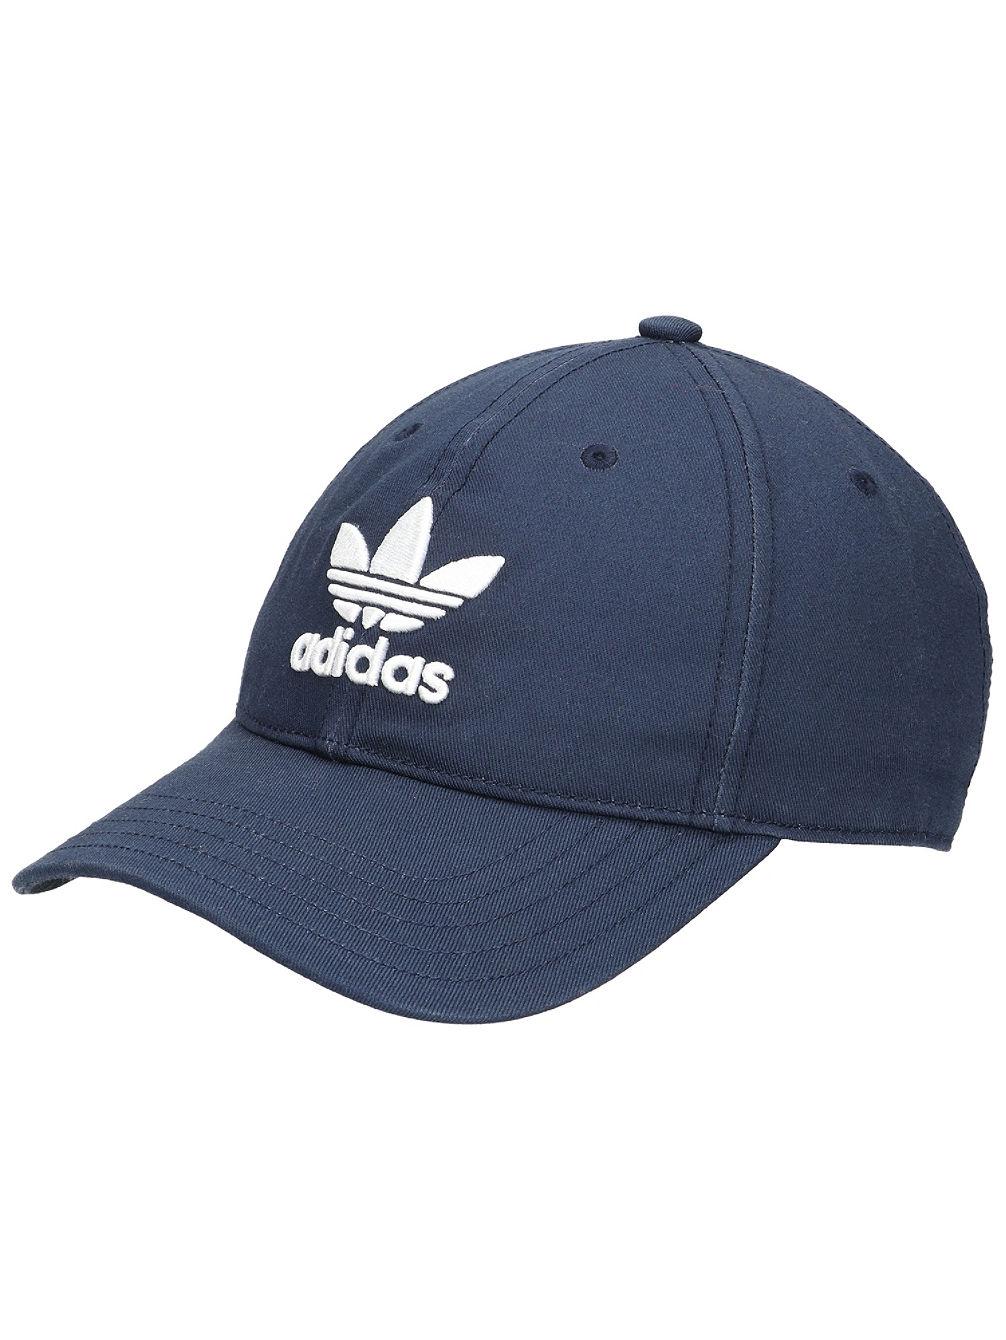 Osta adidas Originals Trefoil Lippis verkosta blue-tomato.com 2c0932b0e0